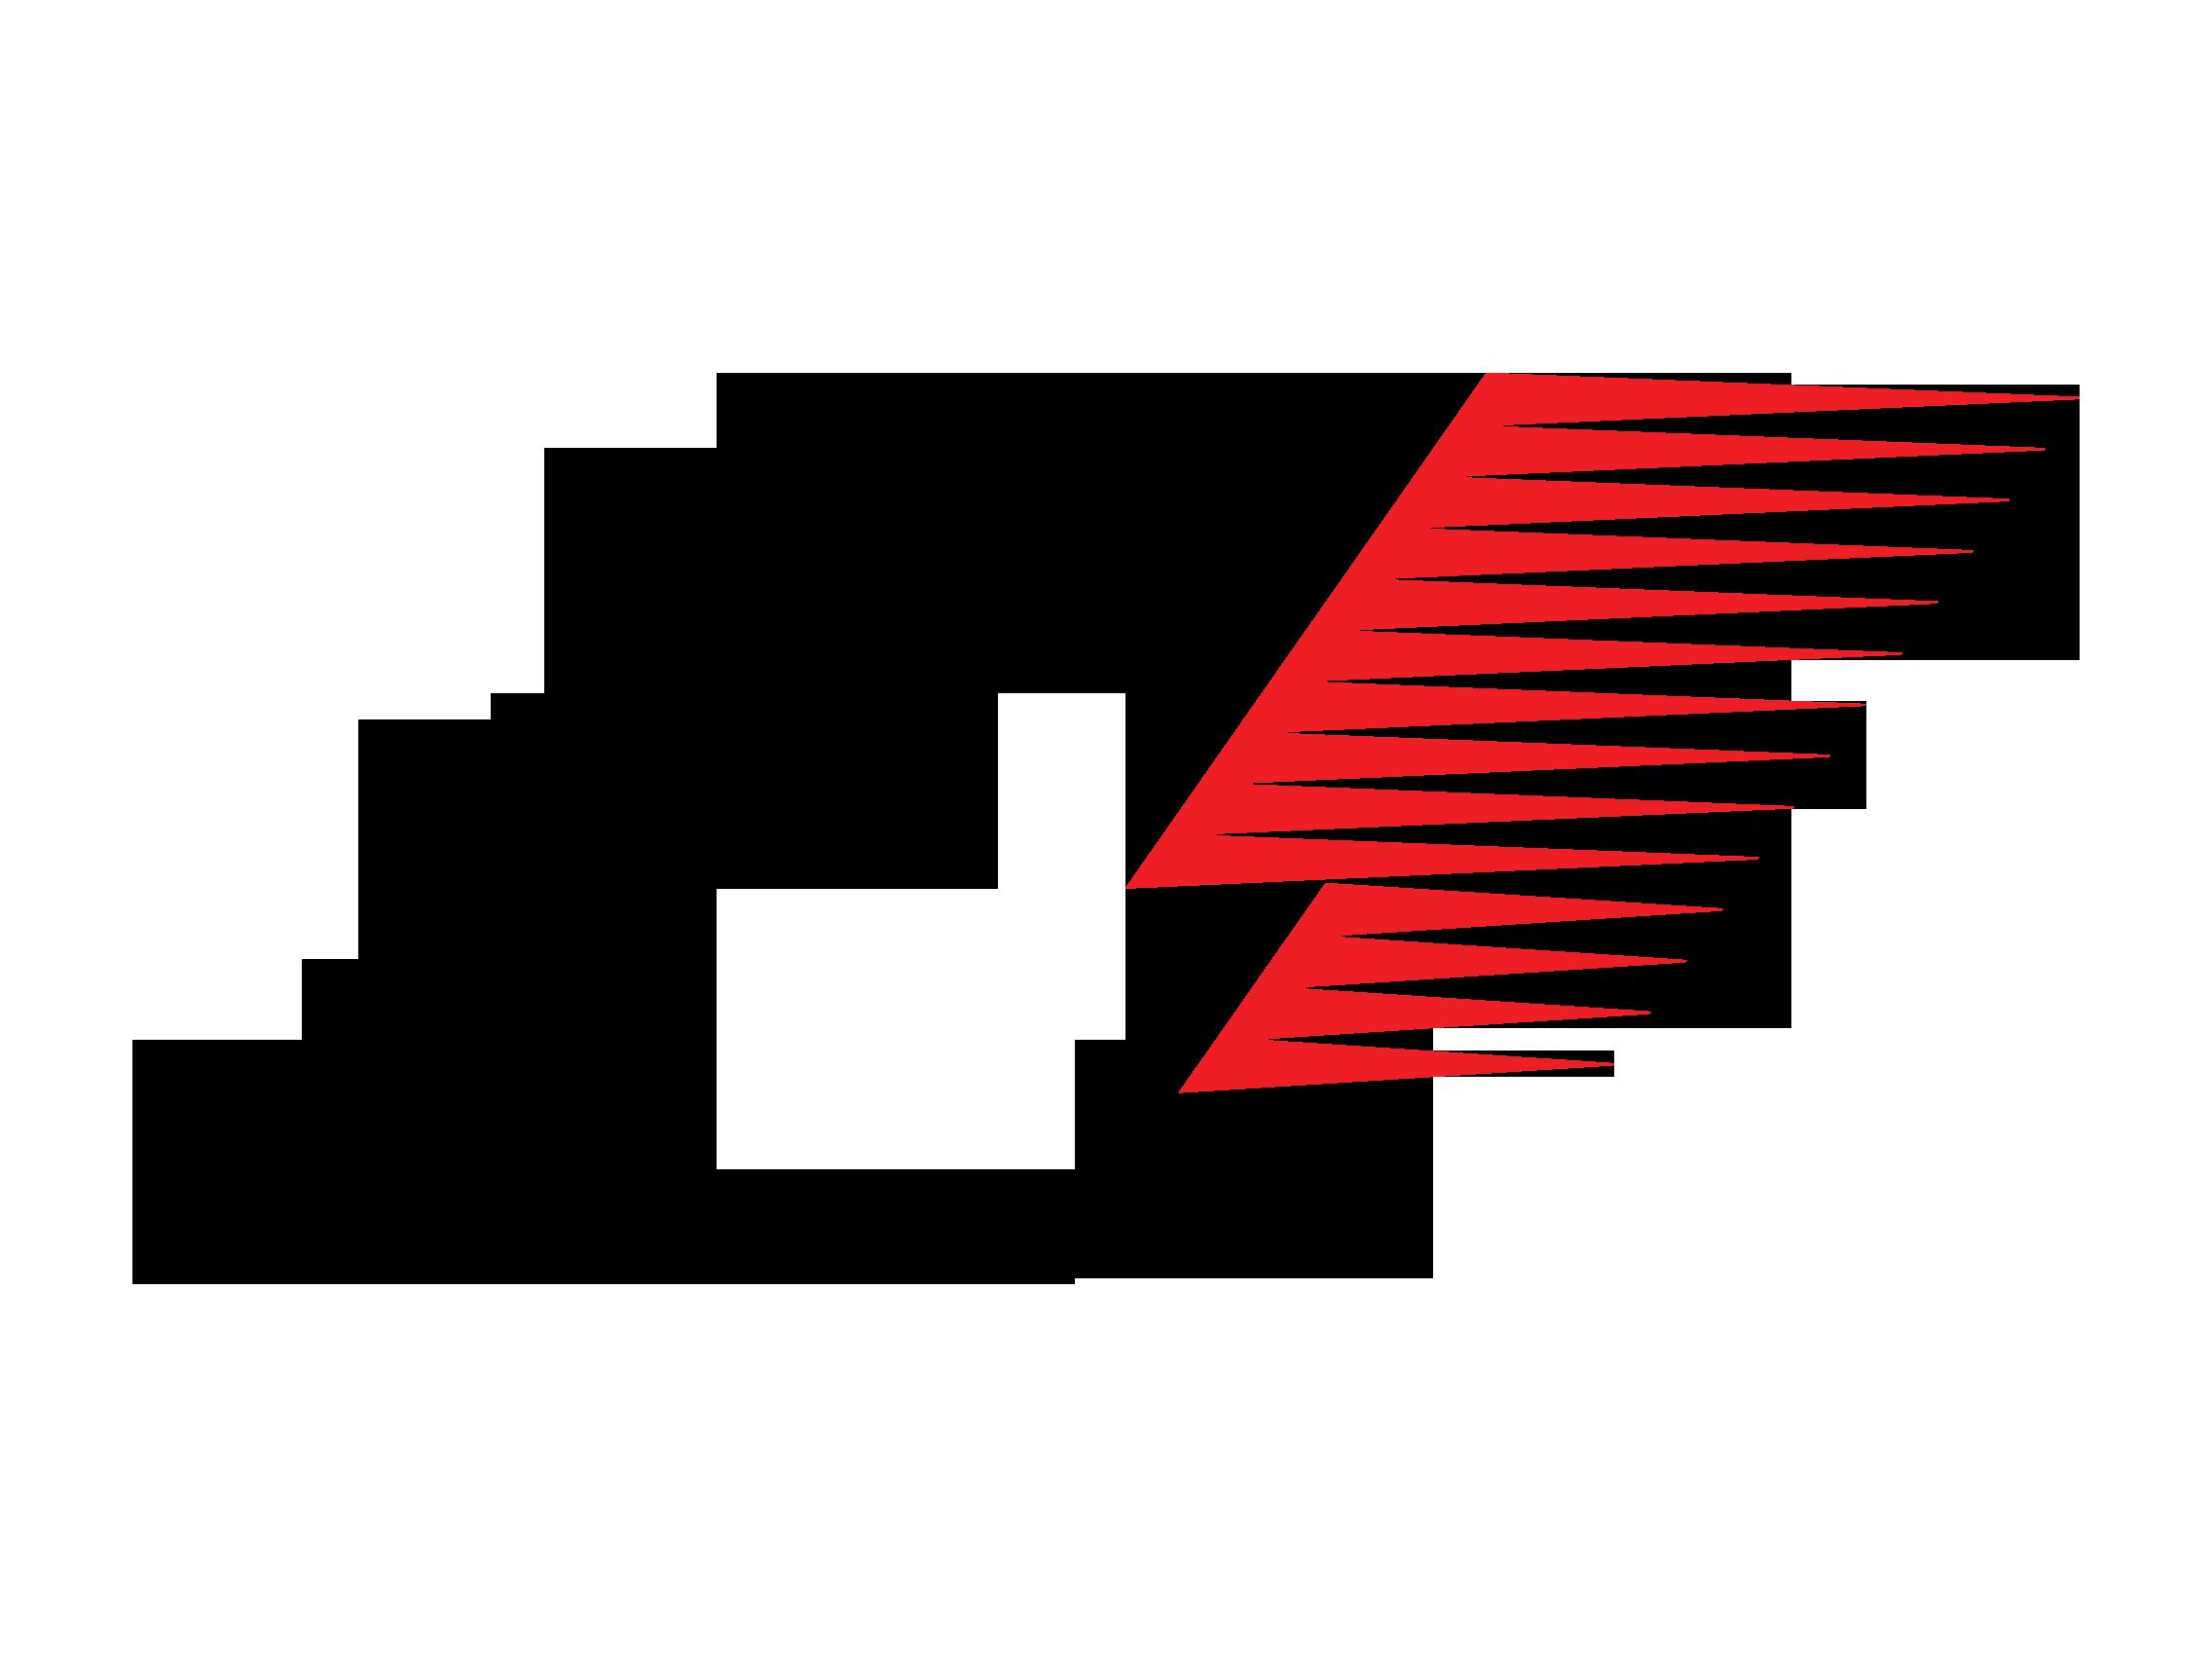 Formula 1 Nedir? Formula 1 ile ilgili bilgi